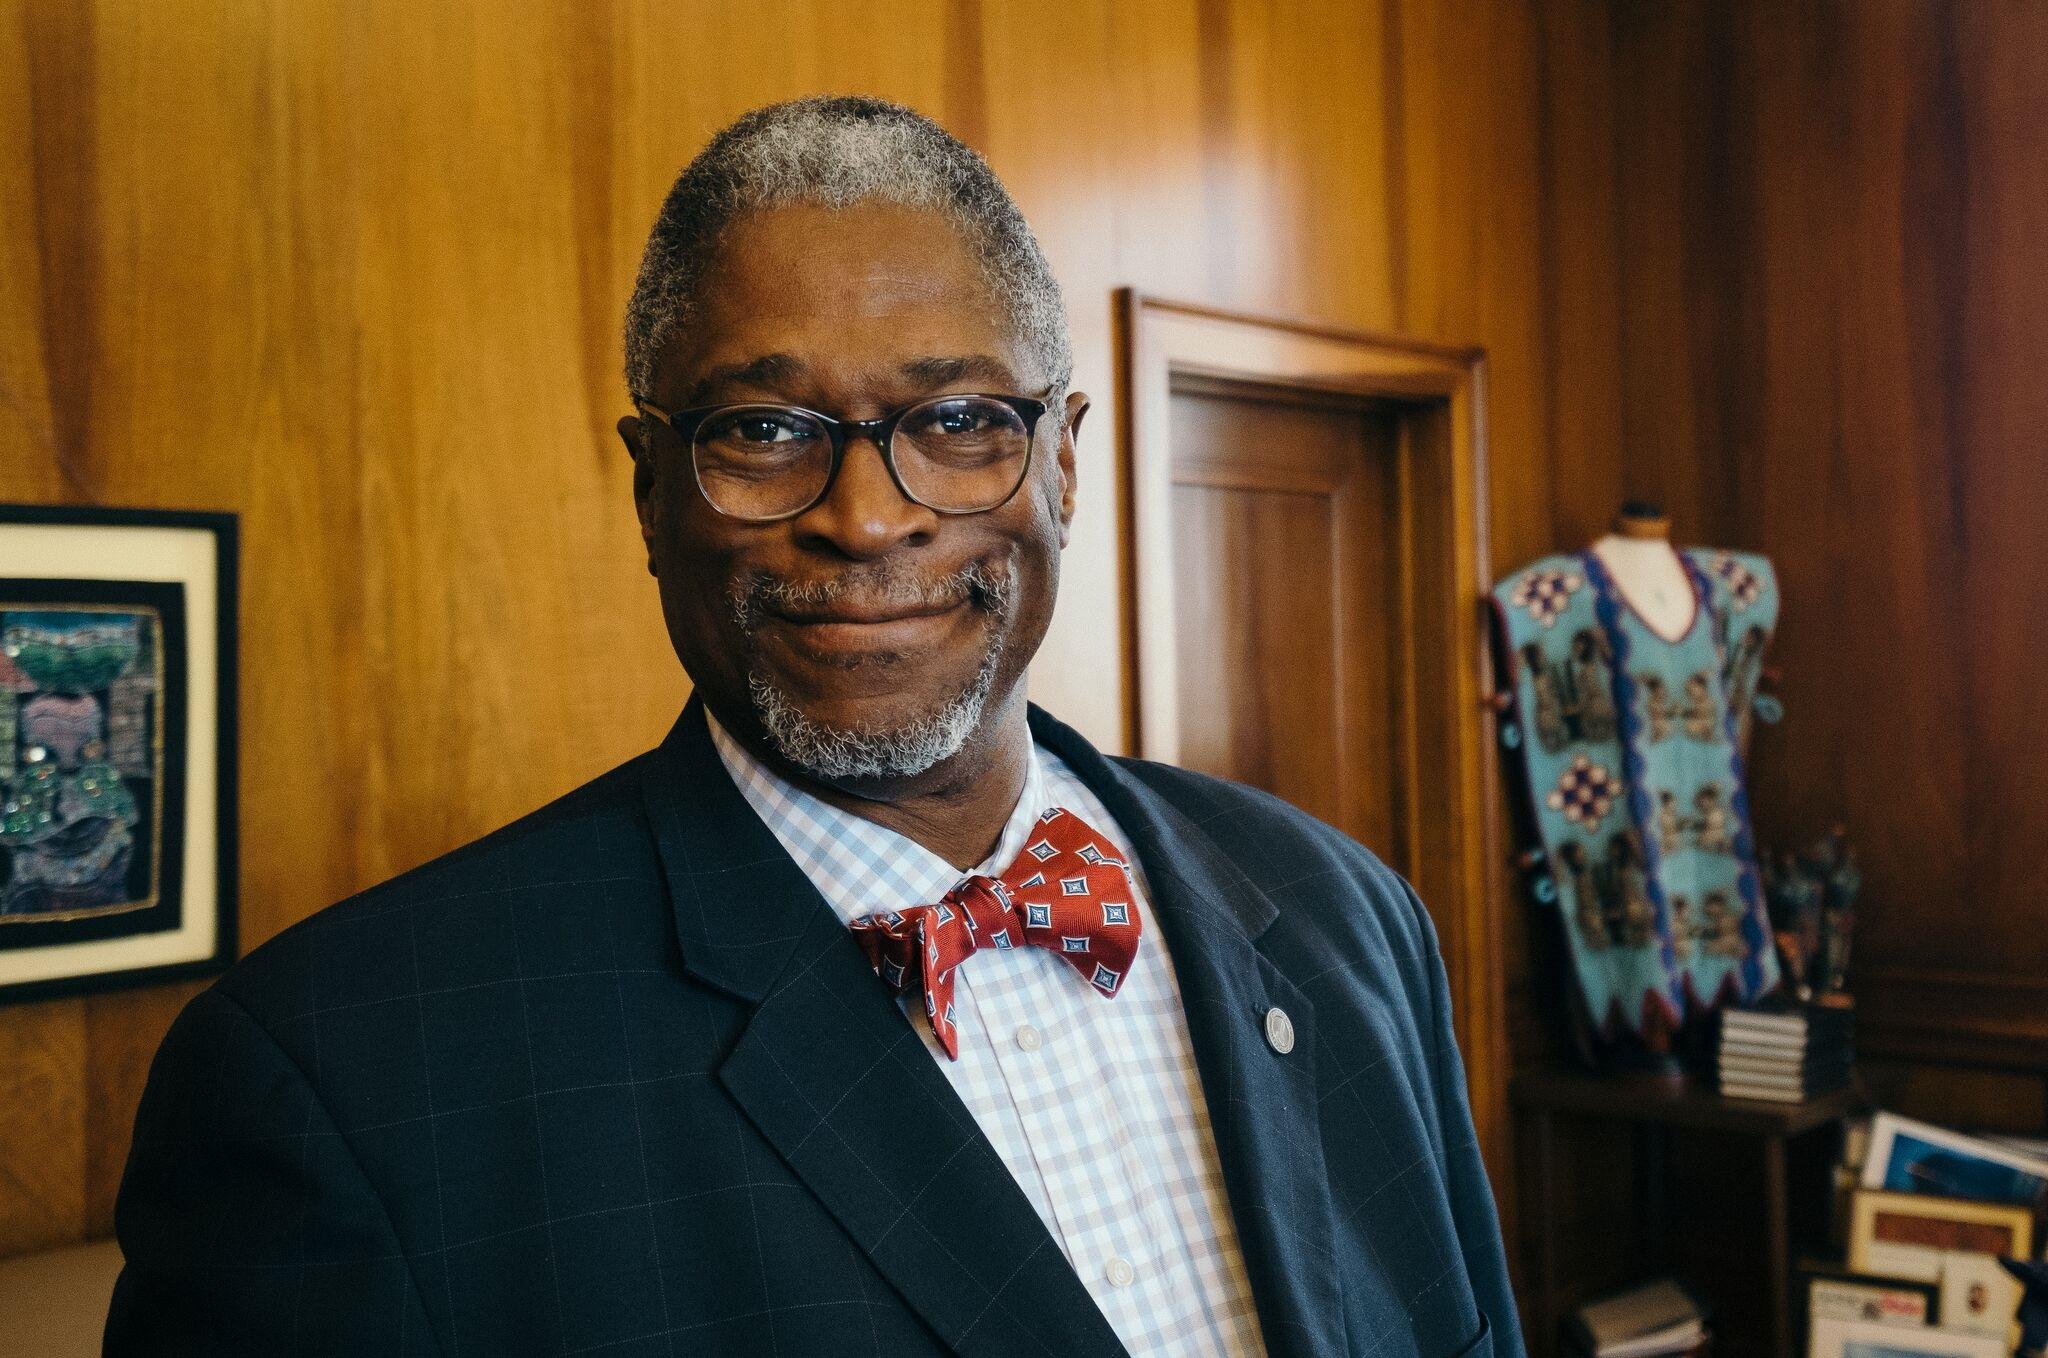 Mayor Sly James - Kansas City